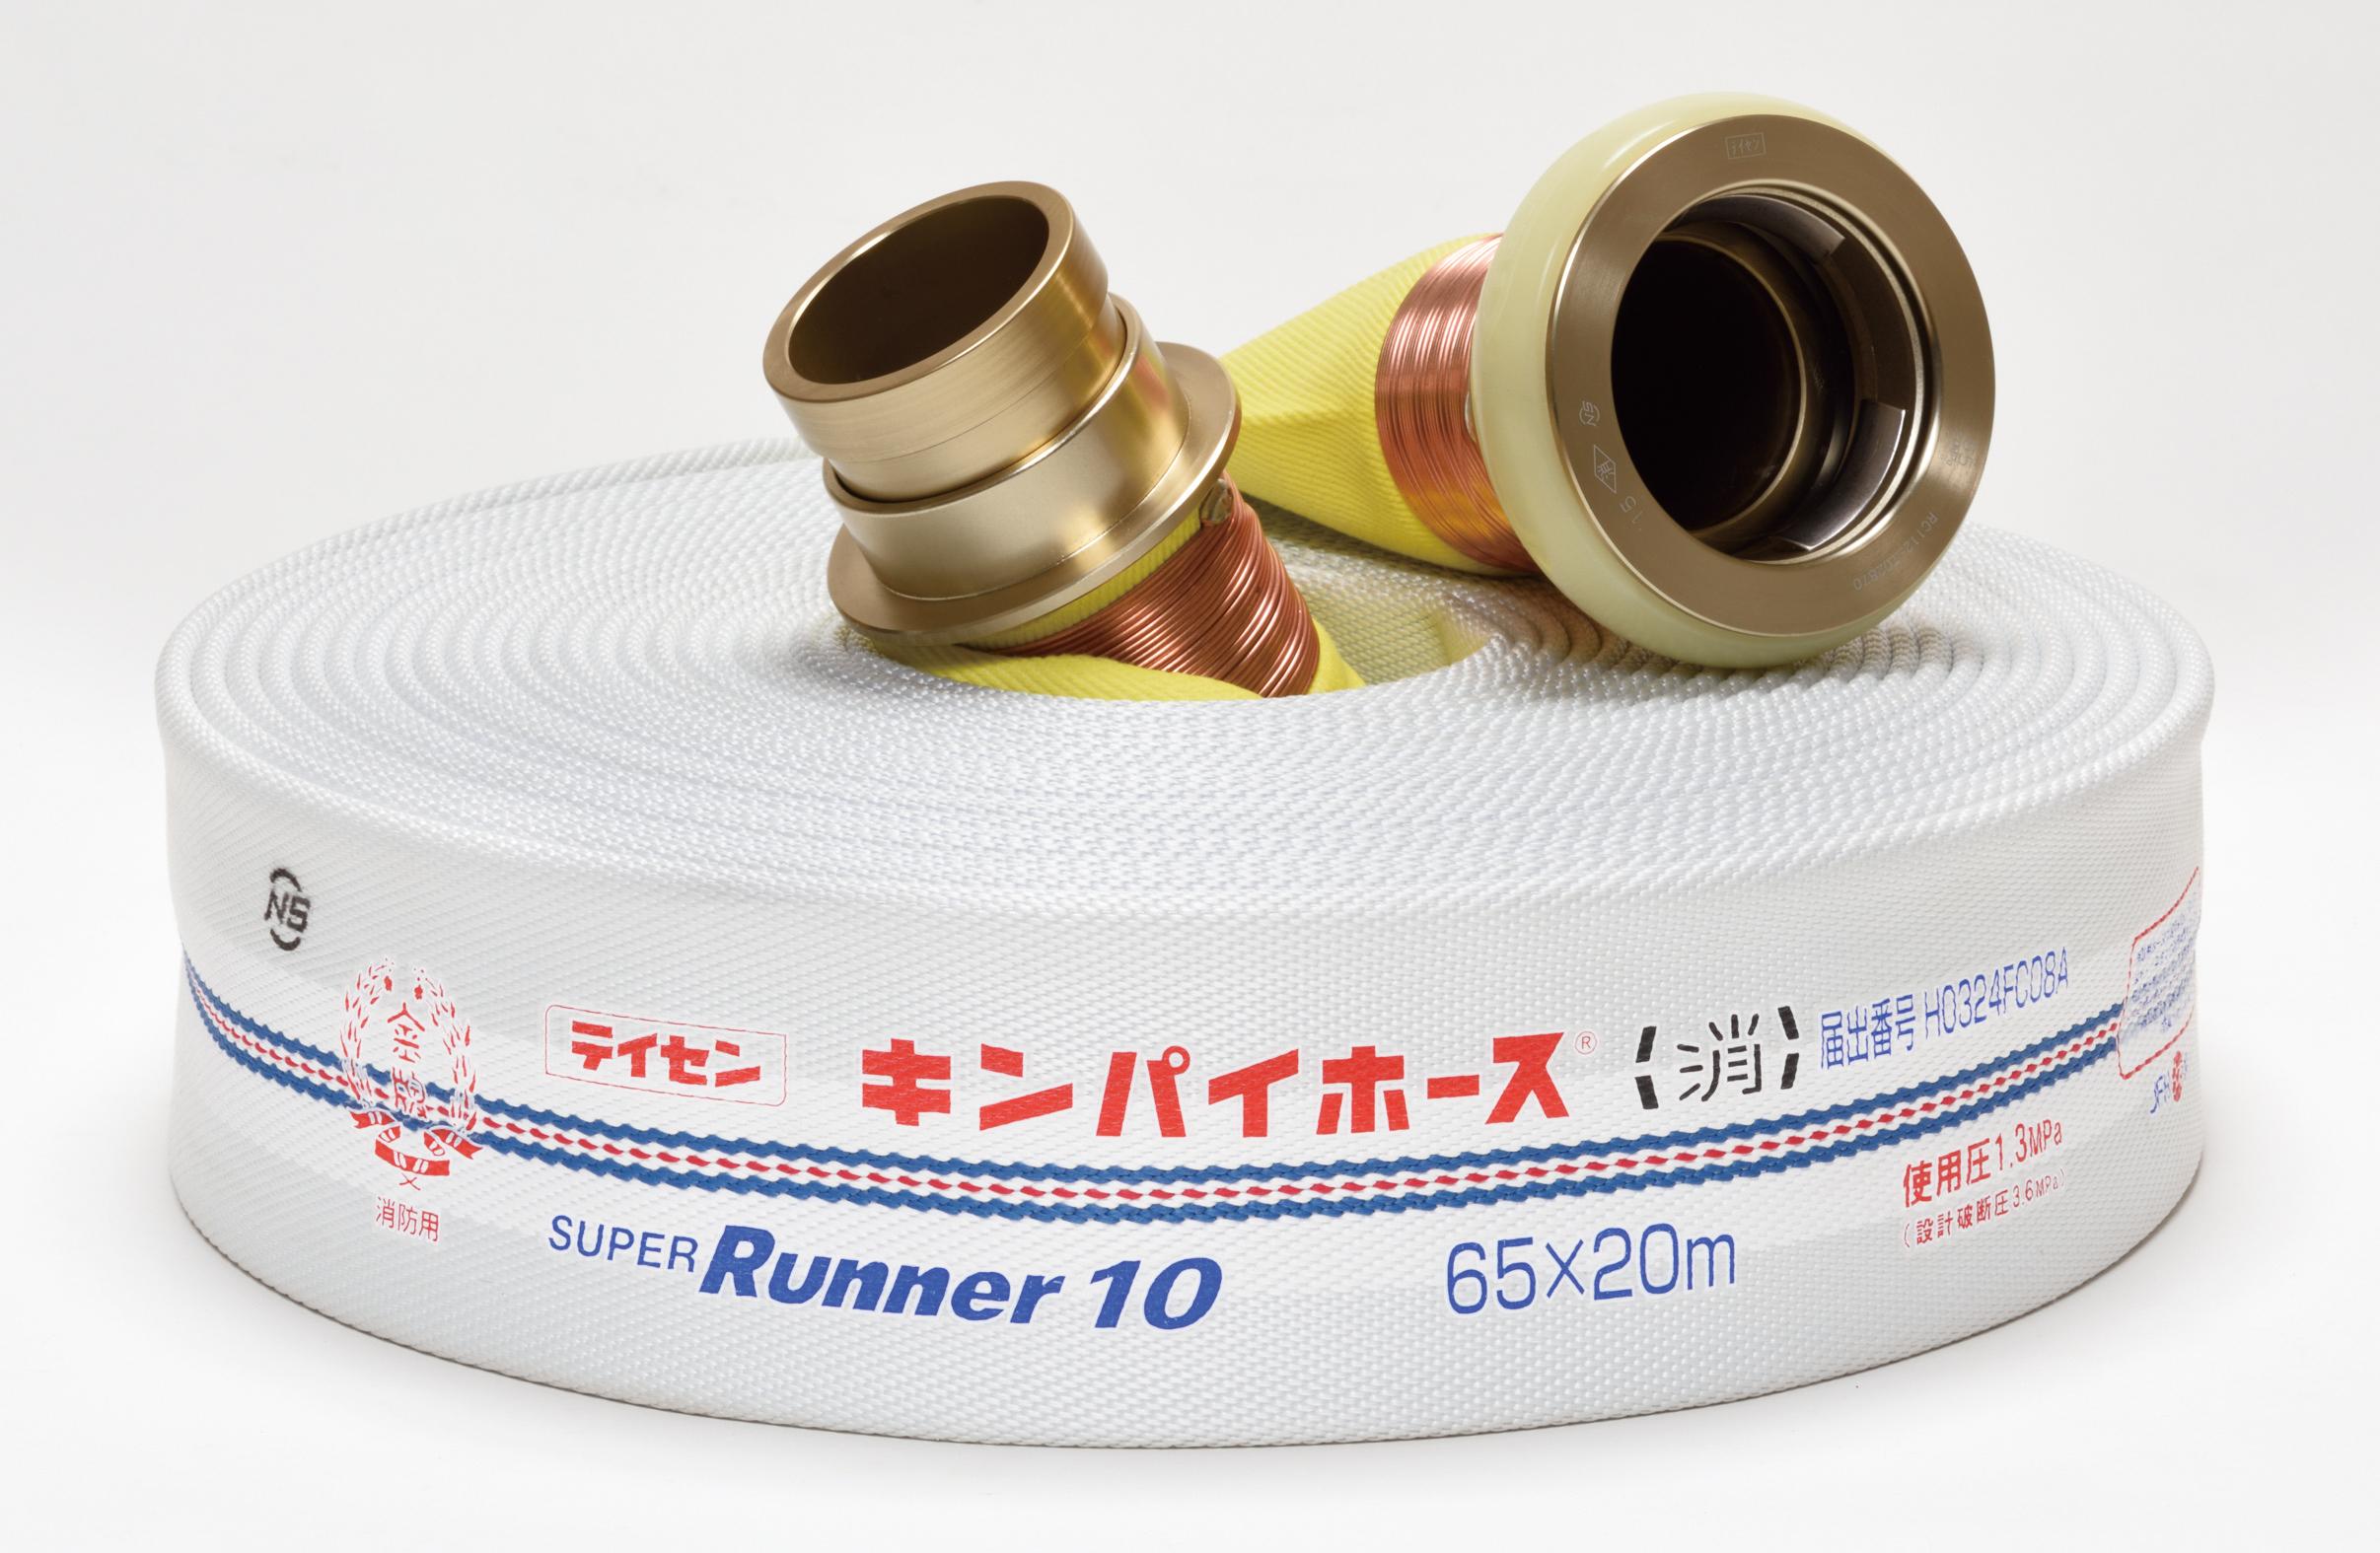 消防用ホース スーパーランナー10シリーズ